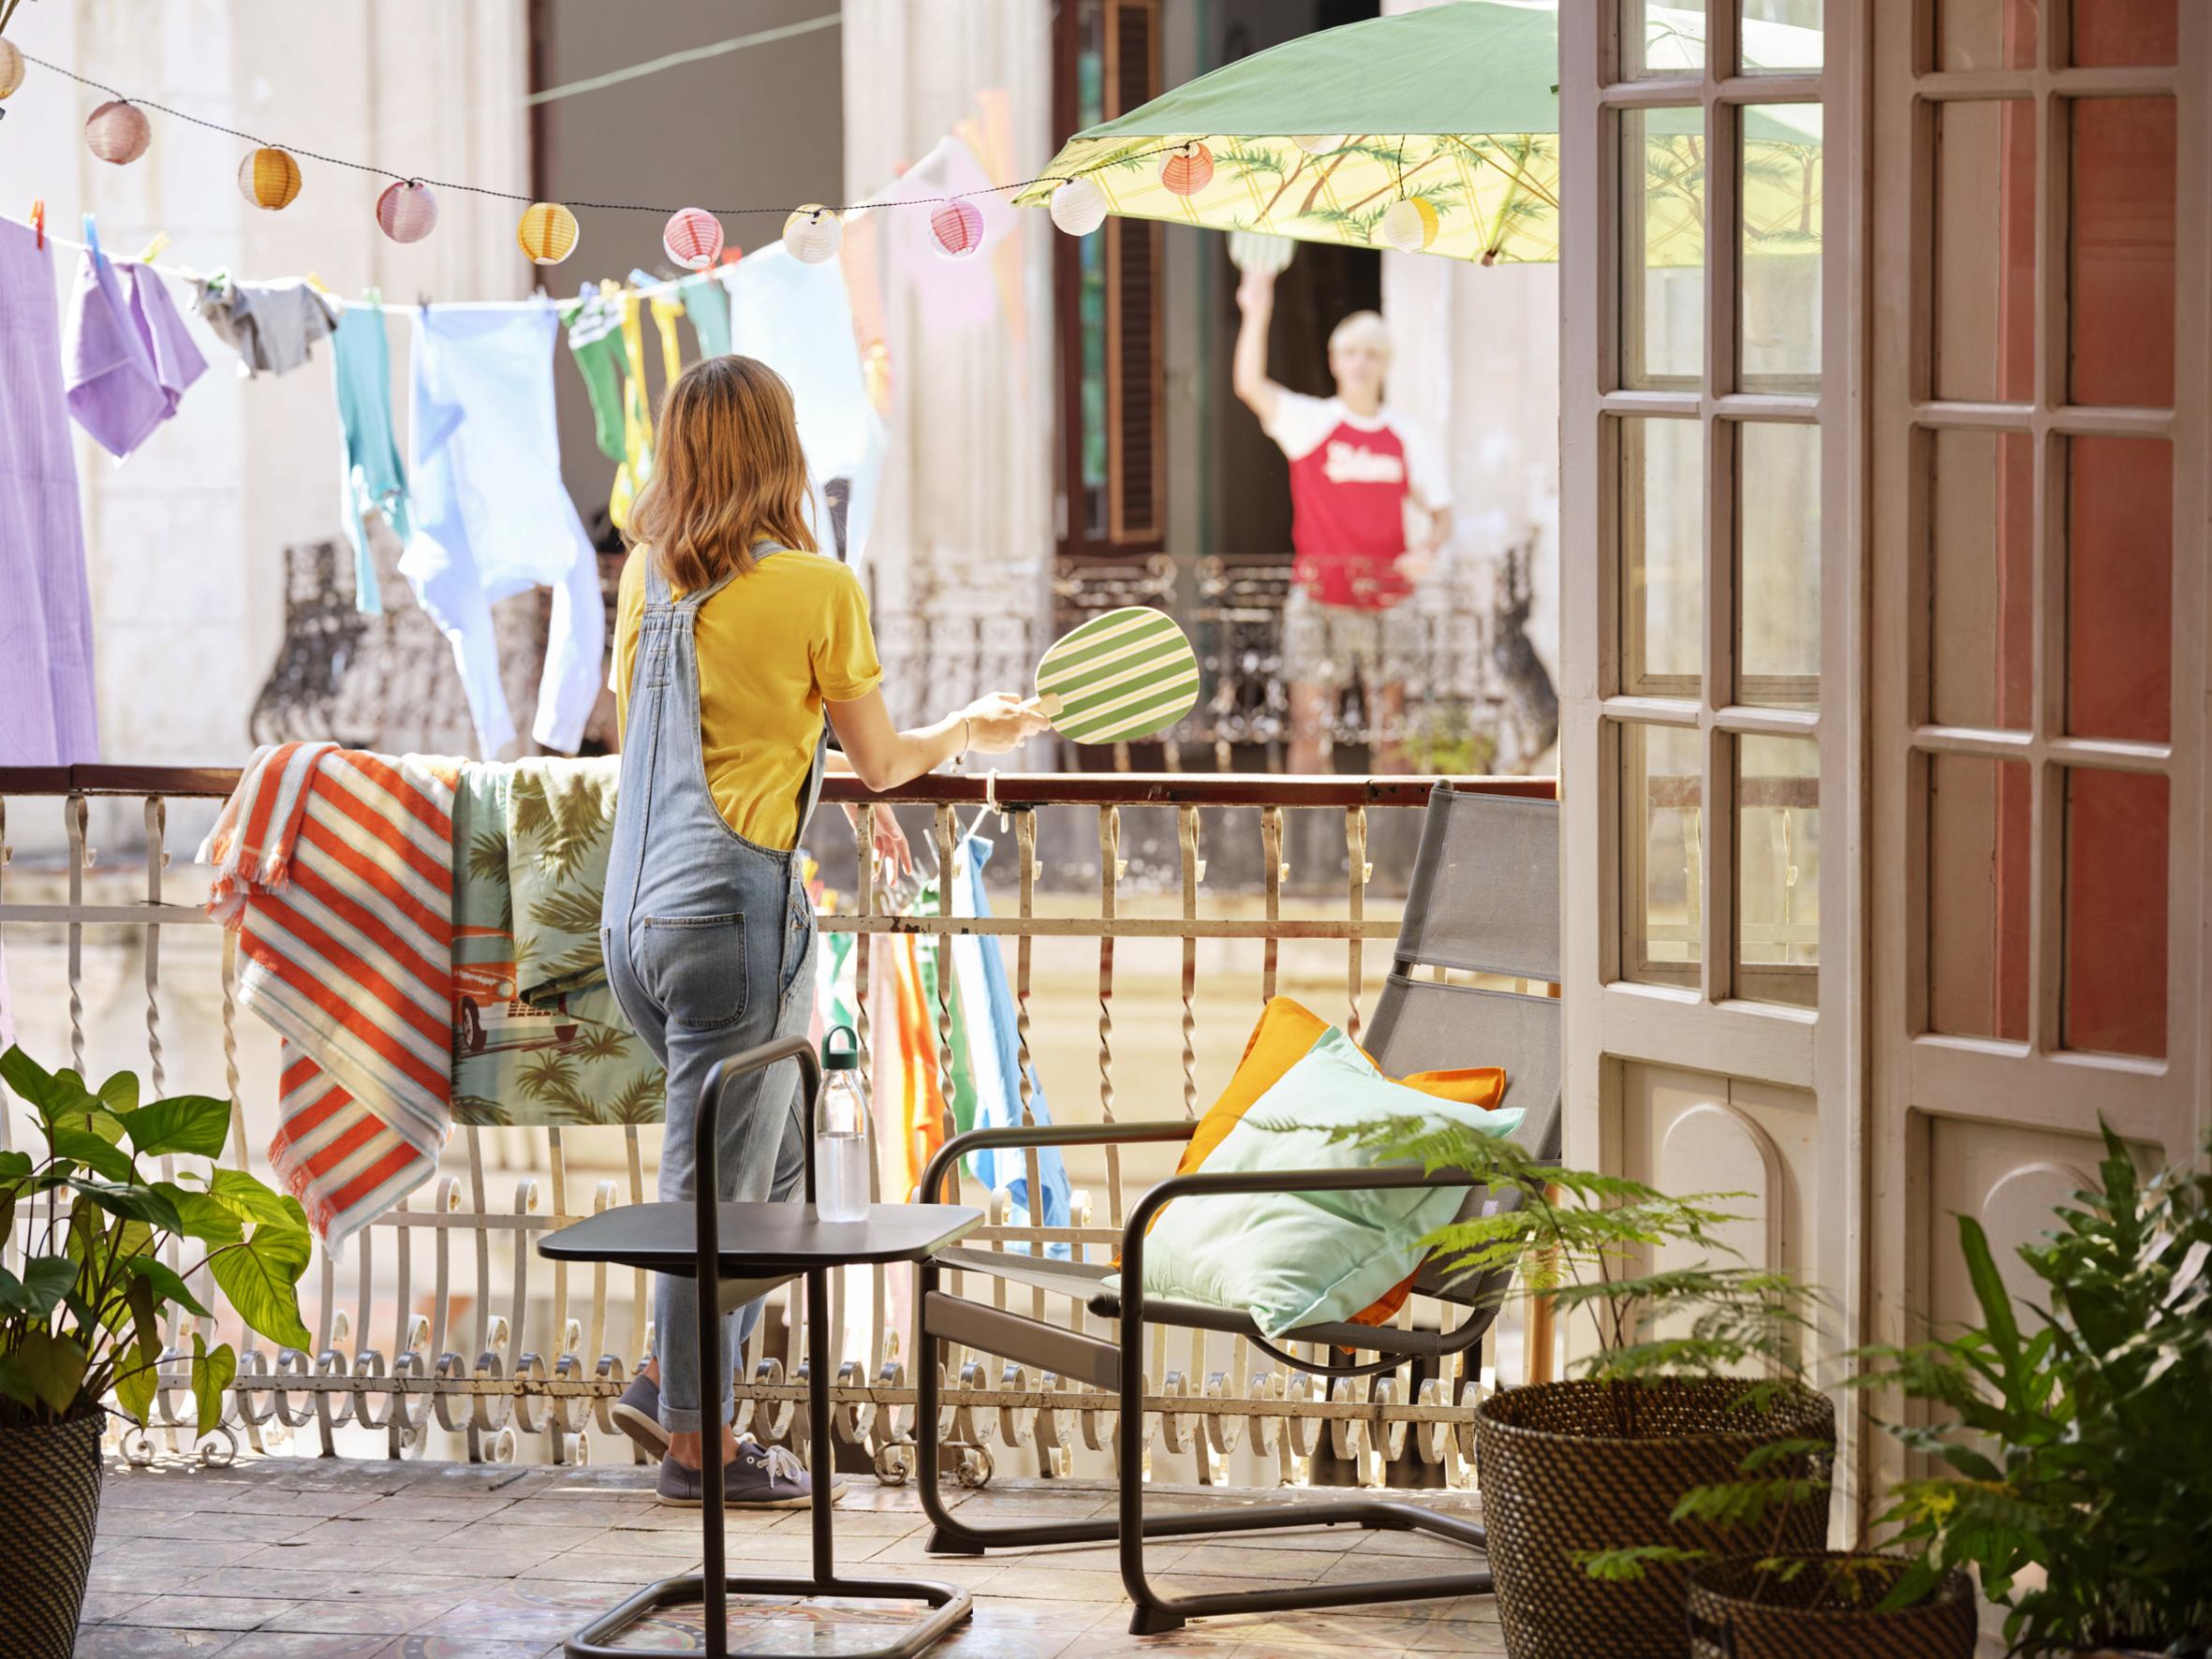 Full Size of Aktuellen Ikea Austria Pressroom Betten 160x200 Modulküche Sofa Mit Schlaffunktion Küche Kaufen Kosten Miniküche Liegestuhl Garten Bei Wohnzimmer Liegestuhl Ikea